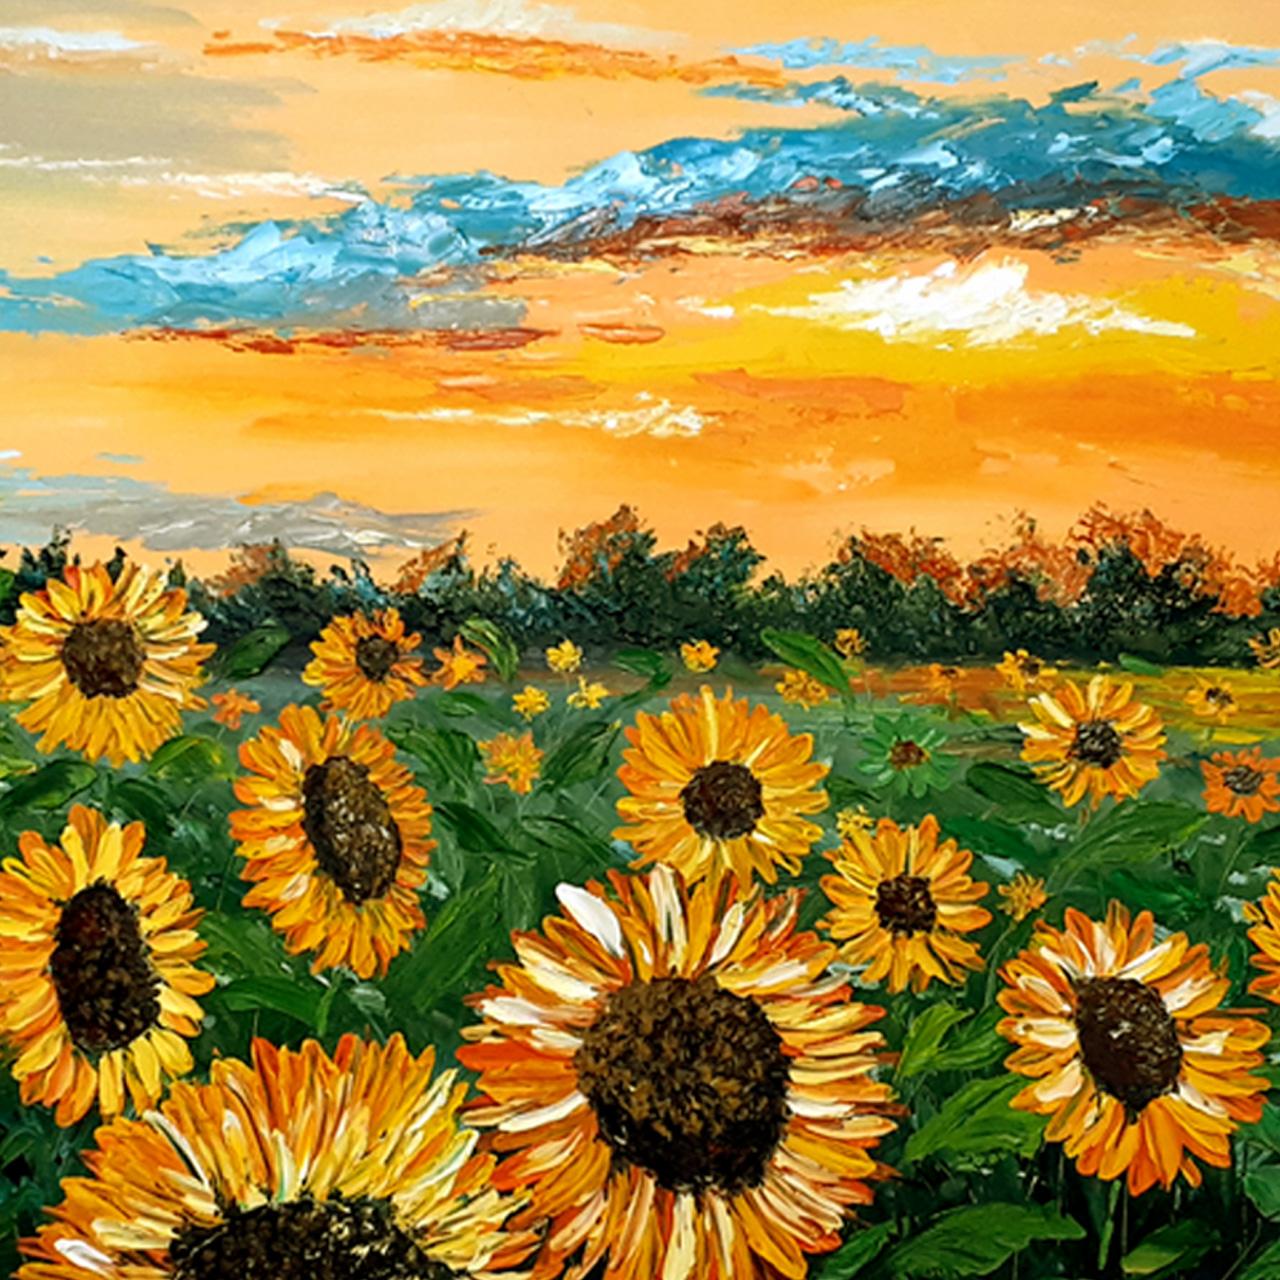 خرید                      تابلو نقاشی رنگ روغن طرح مزرعه آفتابگردان کد 0052